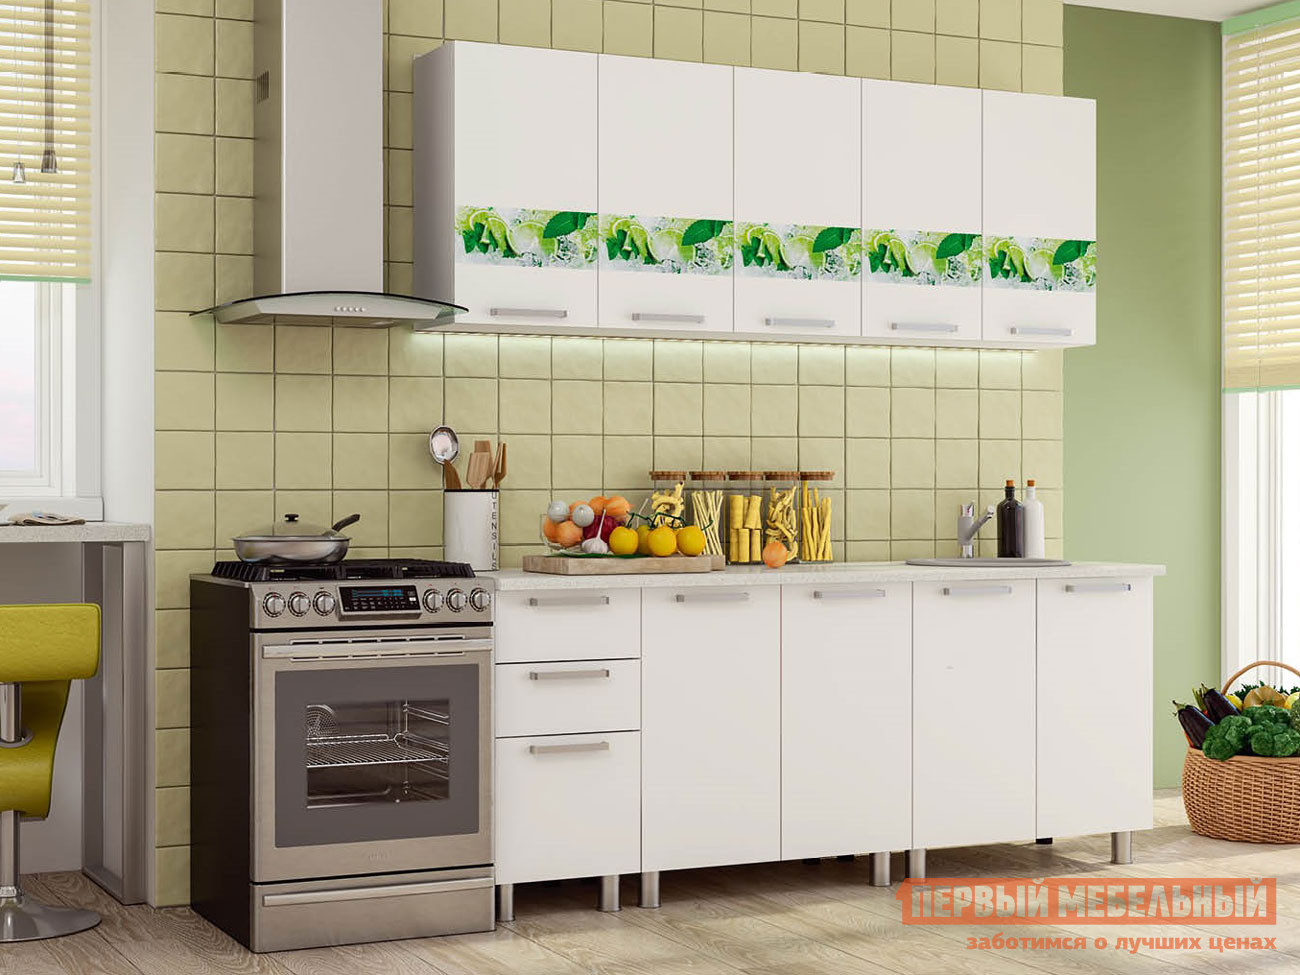 Кухонный гарнитур Первый Мебельный Скарлетт